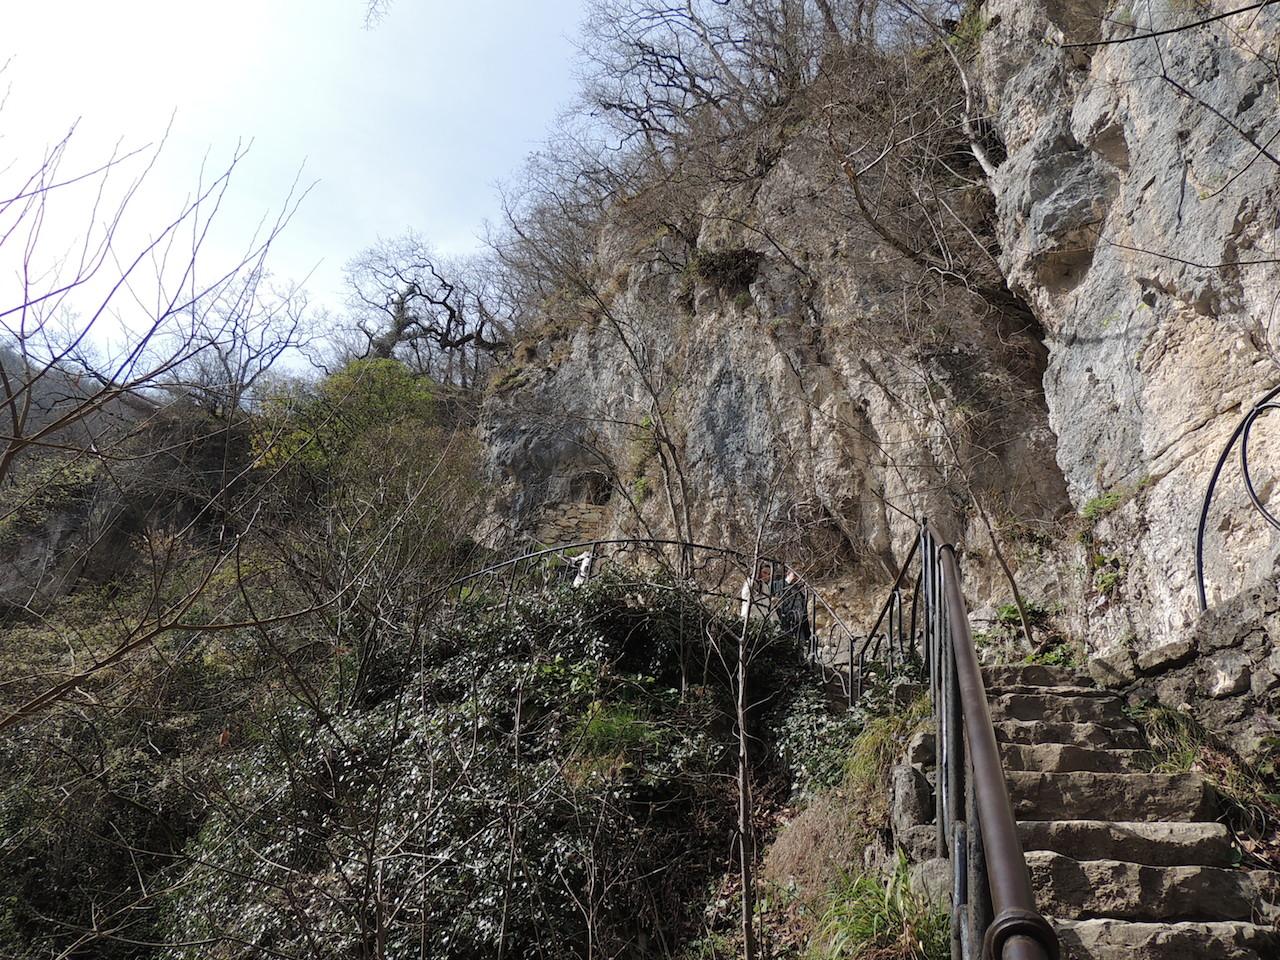 Абхазия Новый Афон Парк Келья грот святого Апостола Симона Кананита 14 марта 2015 г., 16-57.JPG